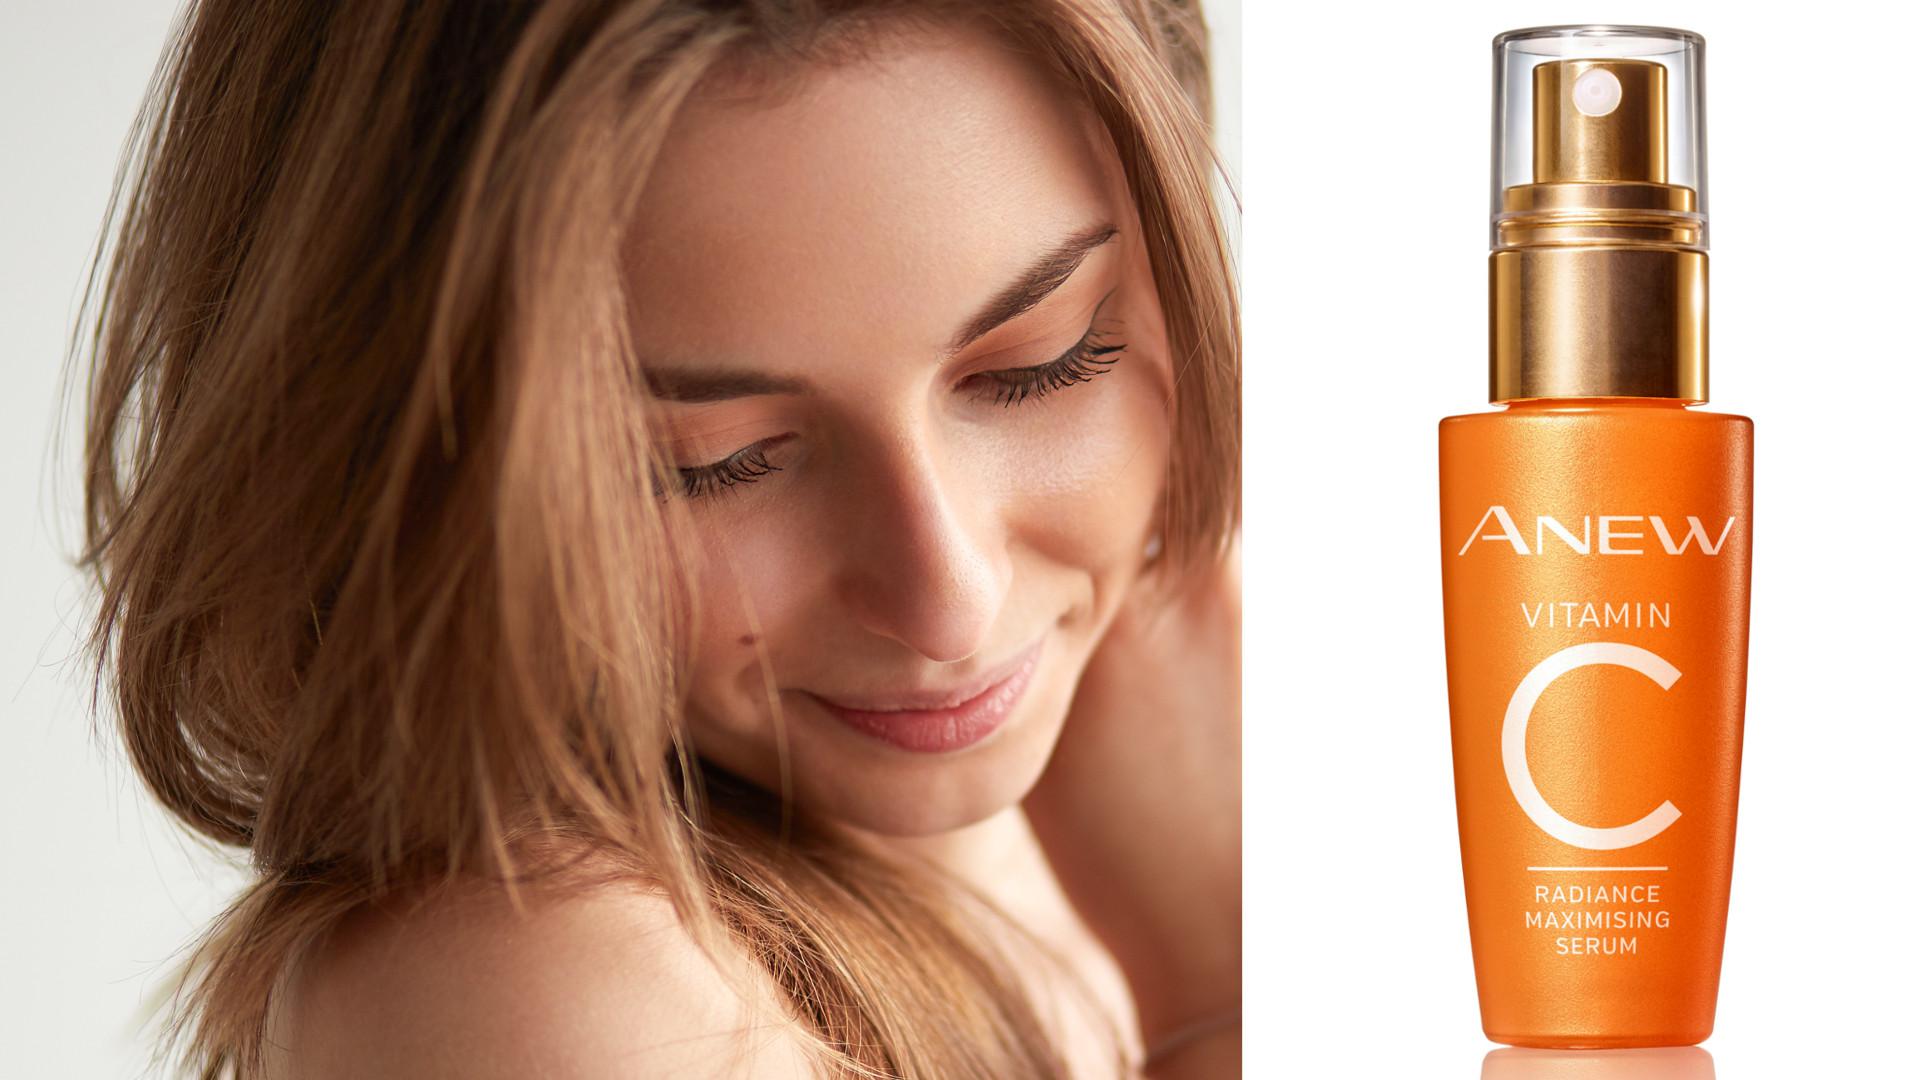 Poznaj najskuteczniejsze serum AVON ANEW z witaminą C (materiał partnera)